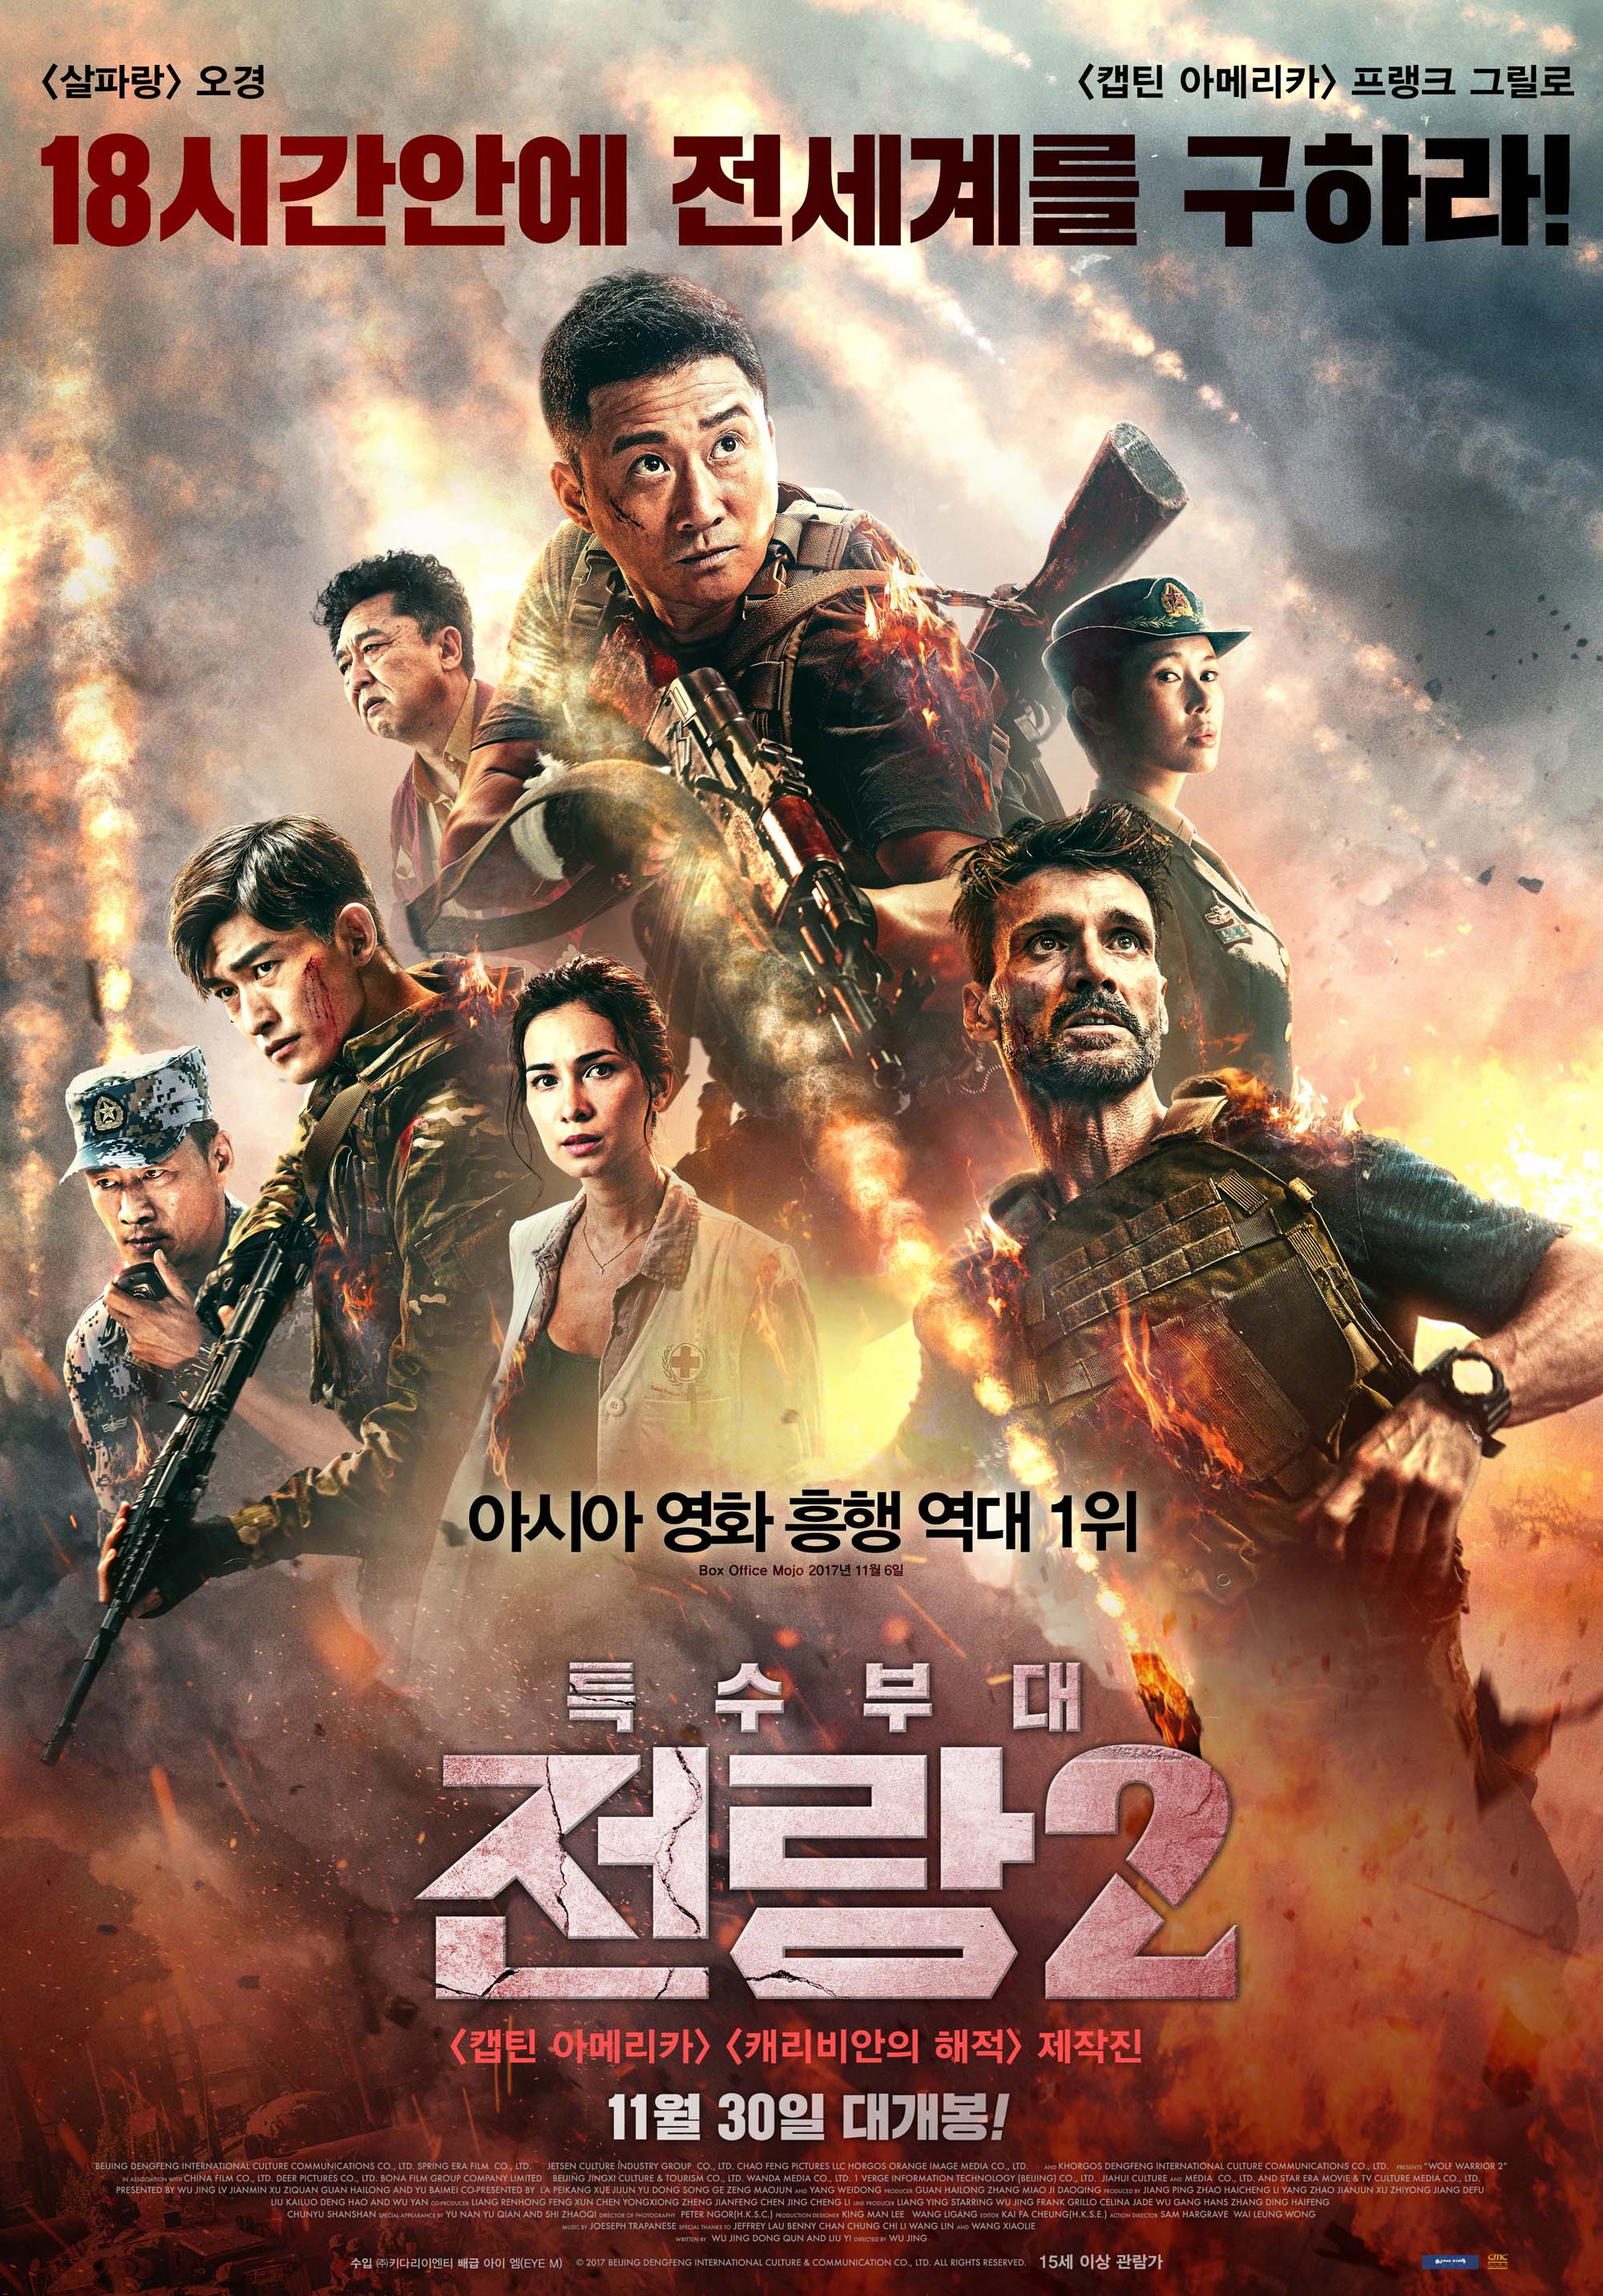 중국 역대 흥행 순위 1위를 기록한 '전랑2'를 보고..